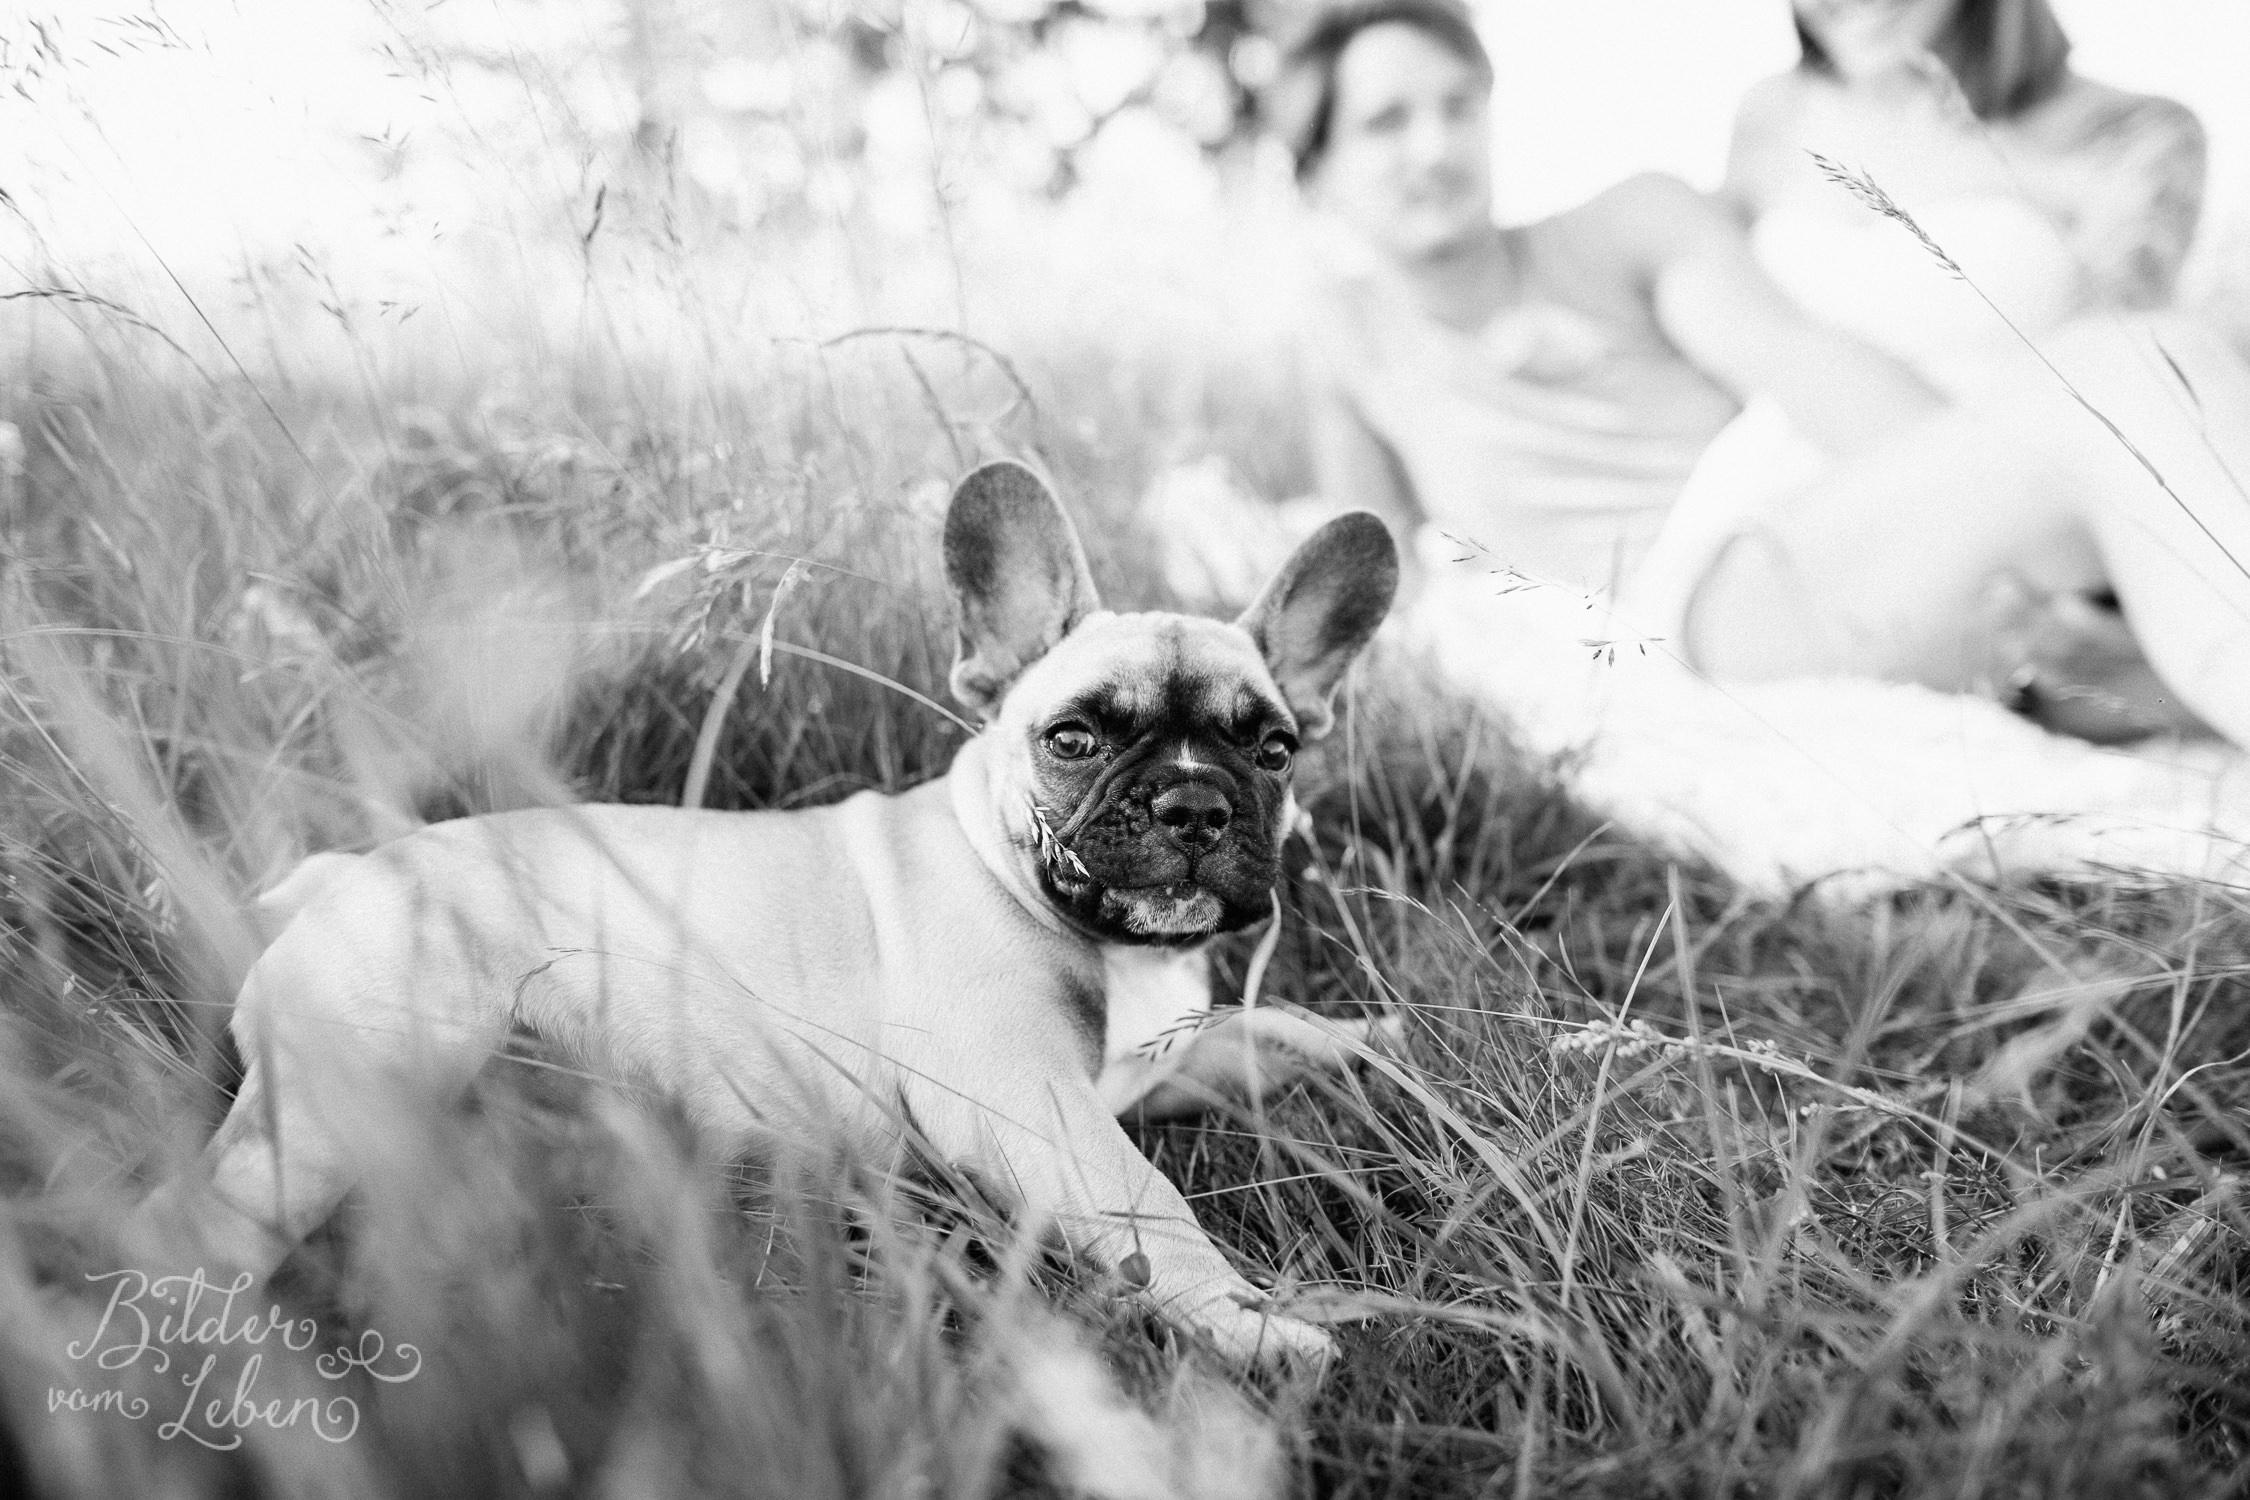 Franzoesische-Bulldogge-Portraits-BildervomLeben-2016-7430